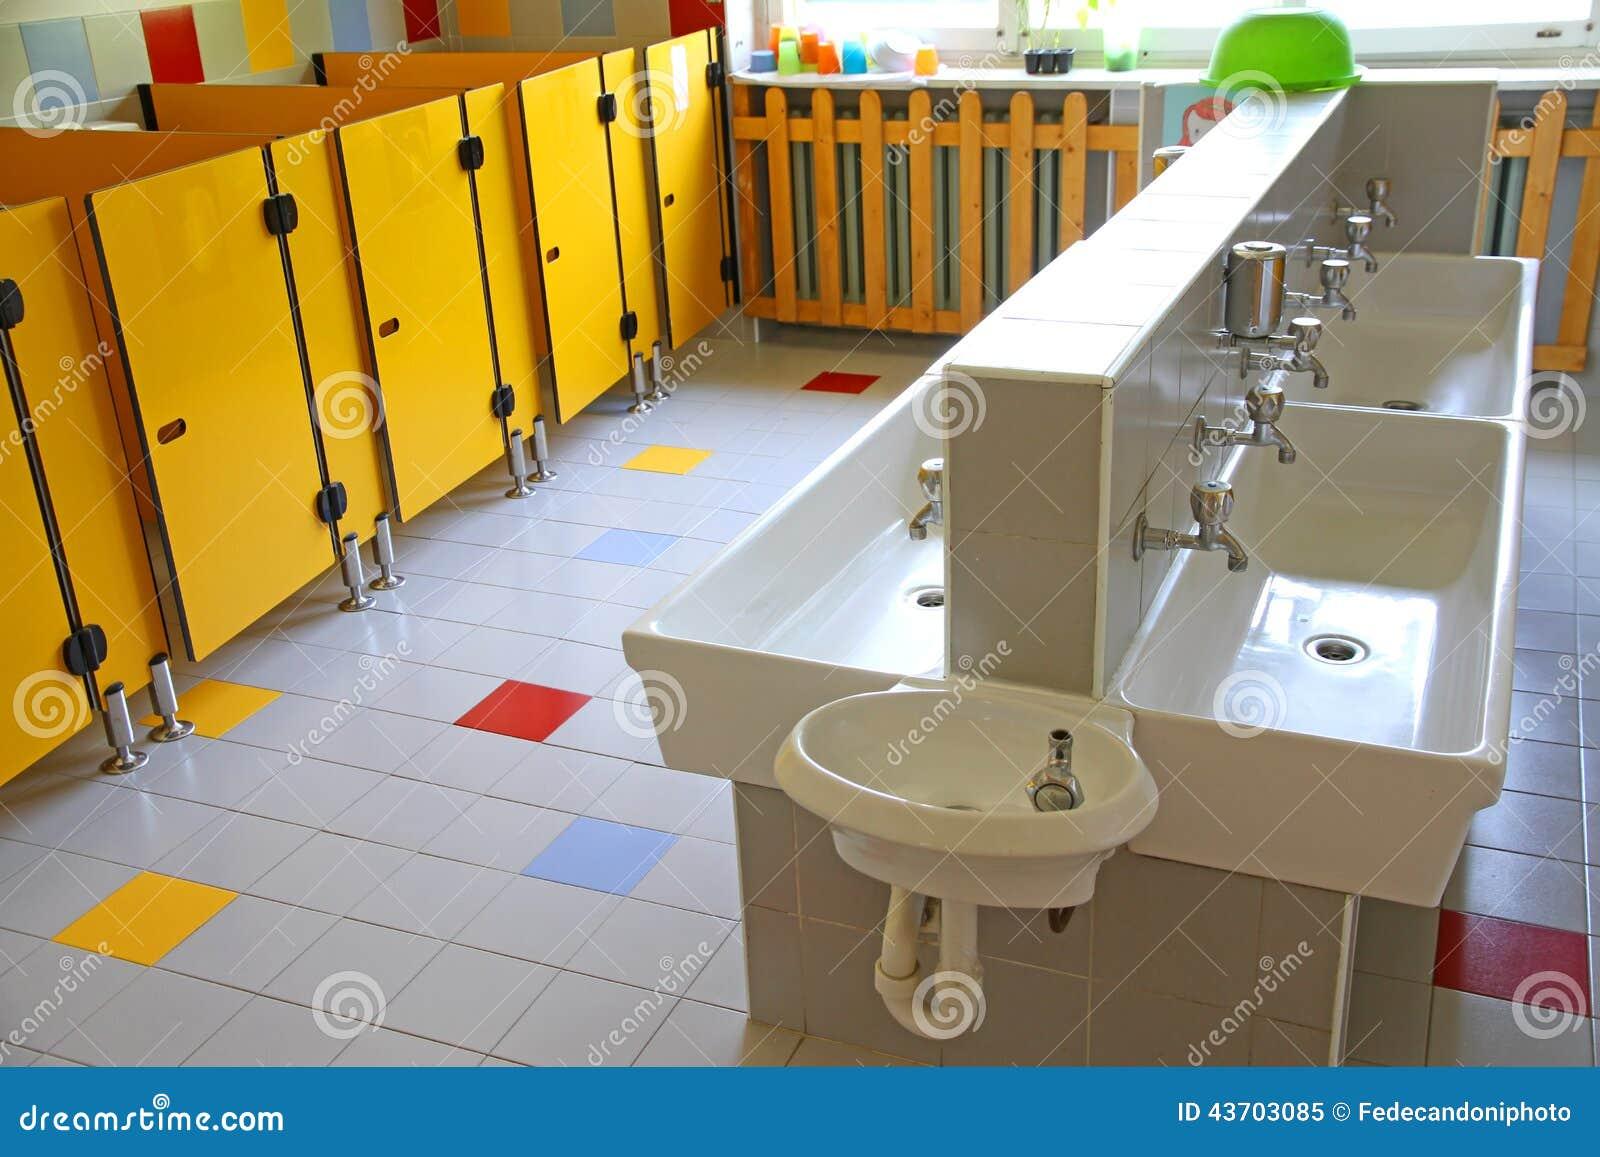 piccoli bagni e lavandini bassi in una scuola per i bambini piccoli fotografia stock libera da